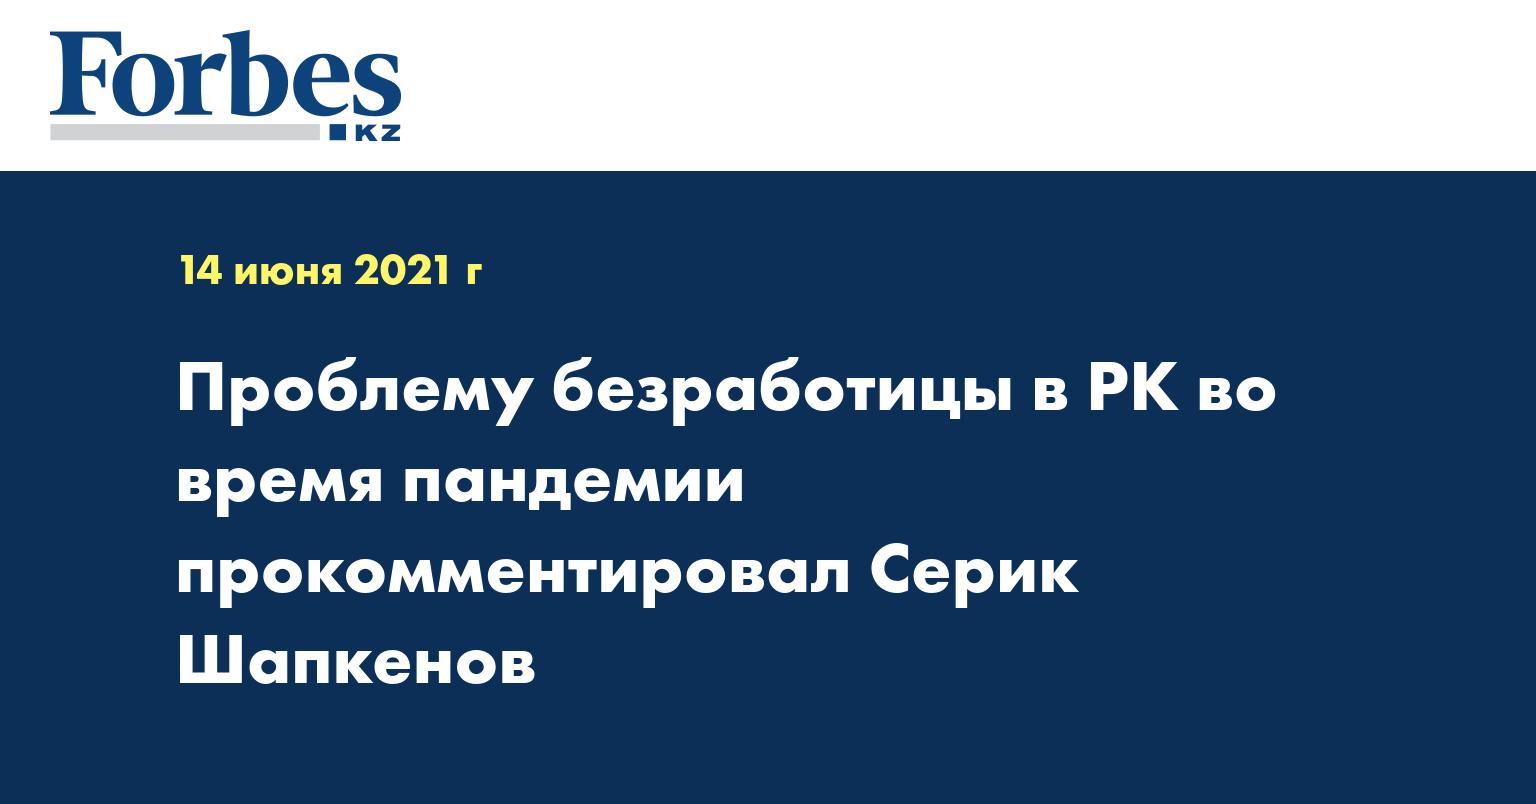 Проблему безработицы в РК во время пандемии прокомментировал Серик Шапкенов